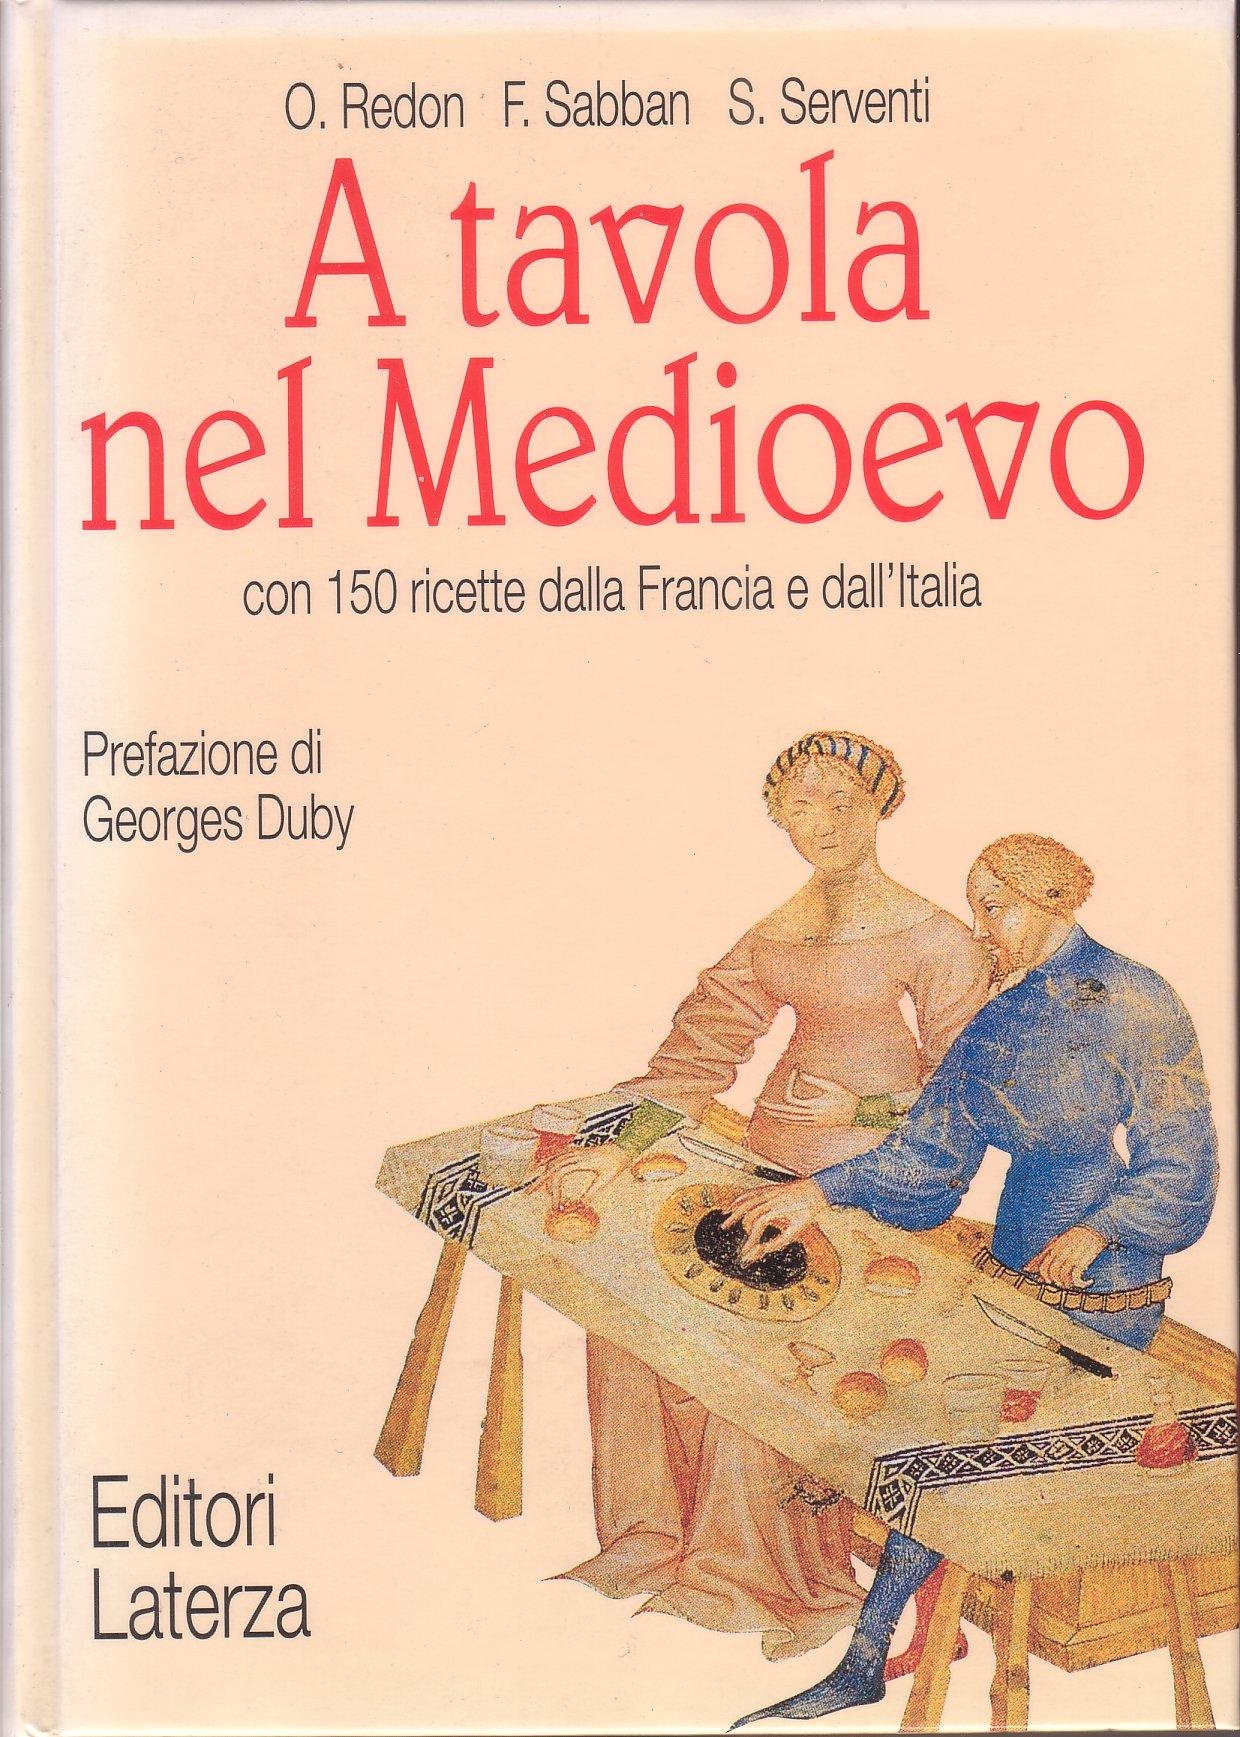 A tavola nel Medioevo con 150 ricette dalla Francia e dall'Italia